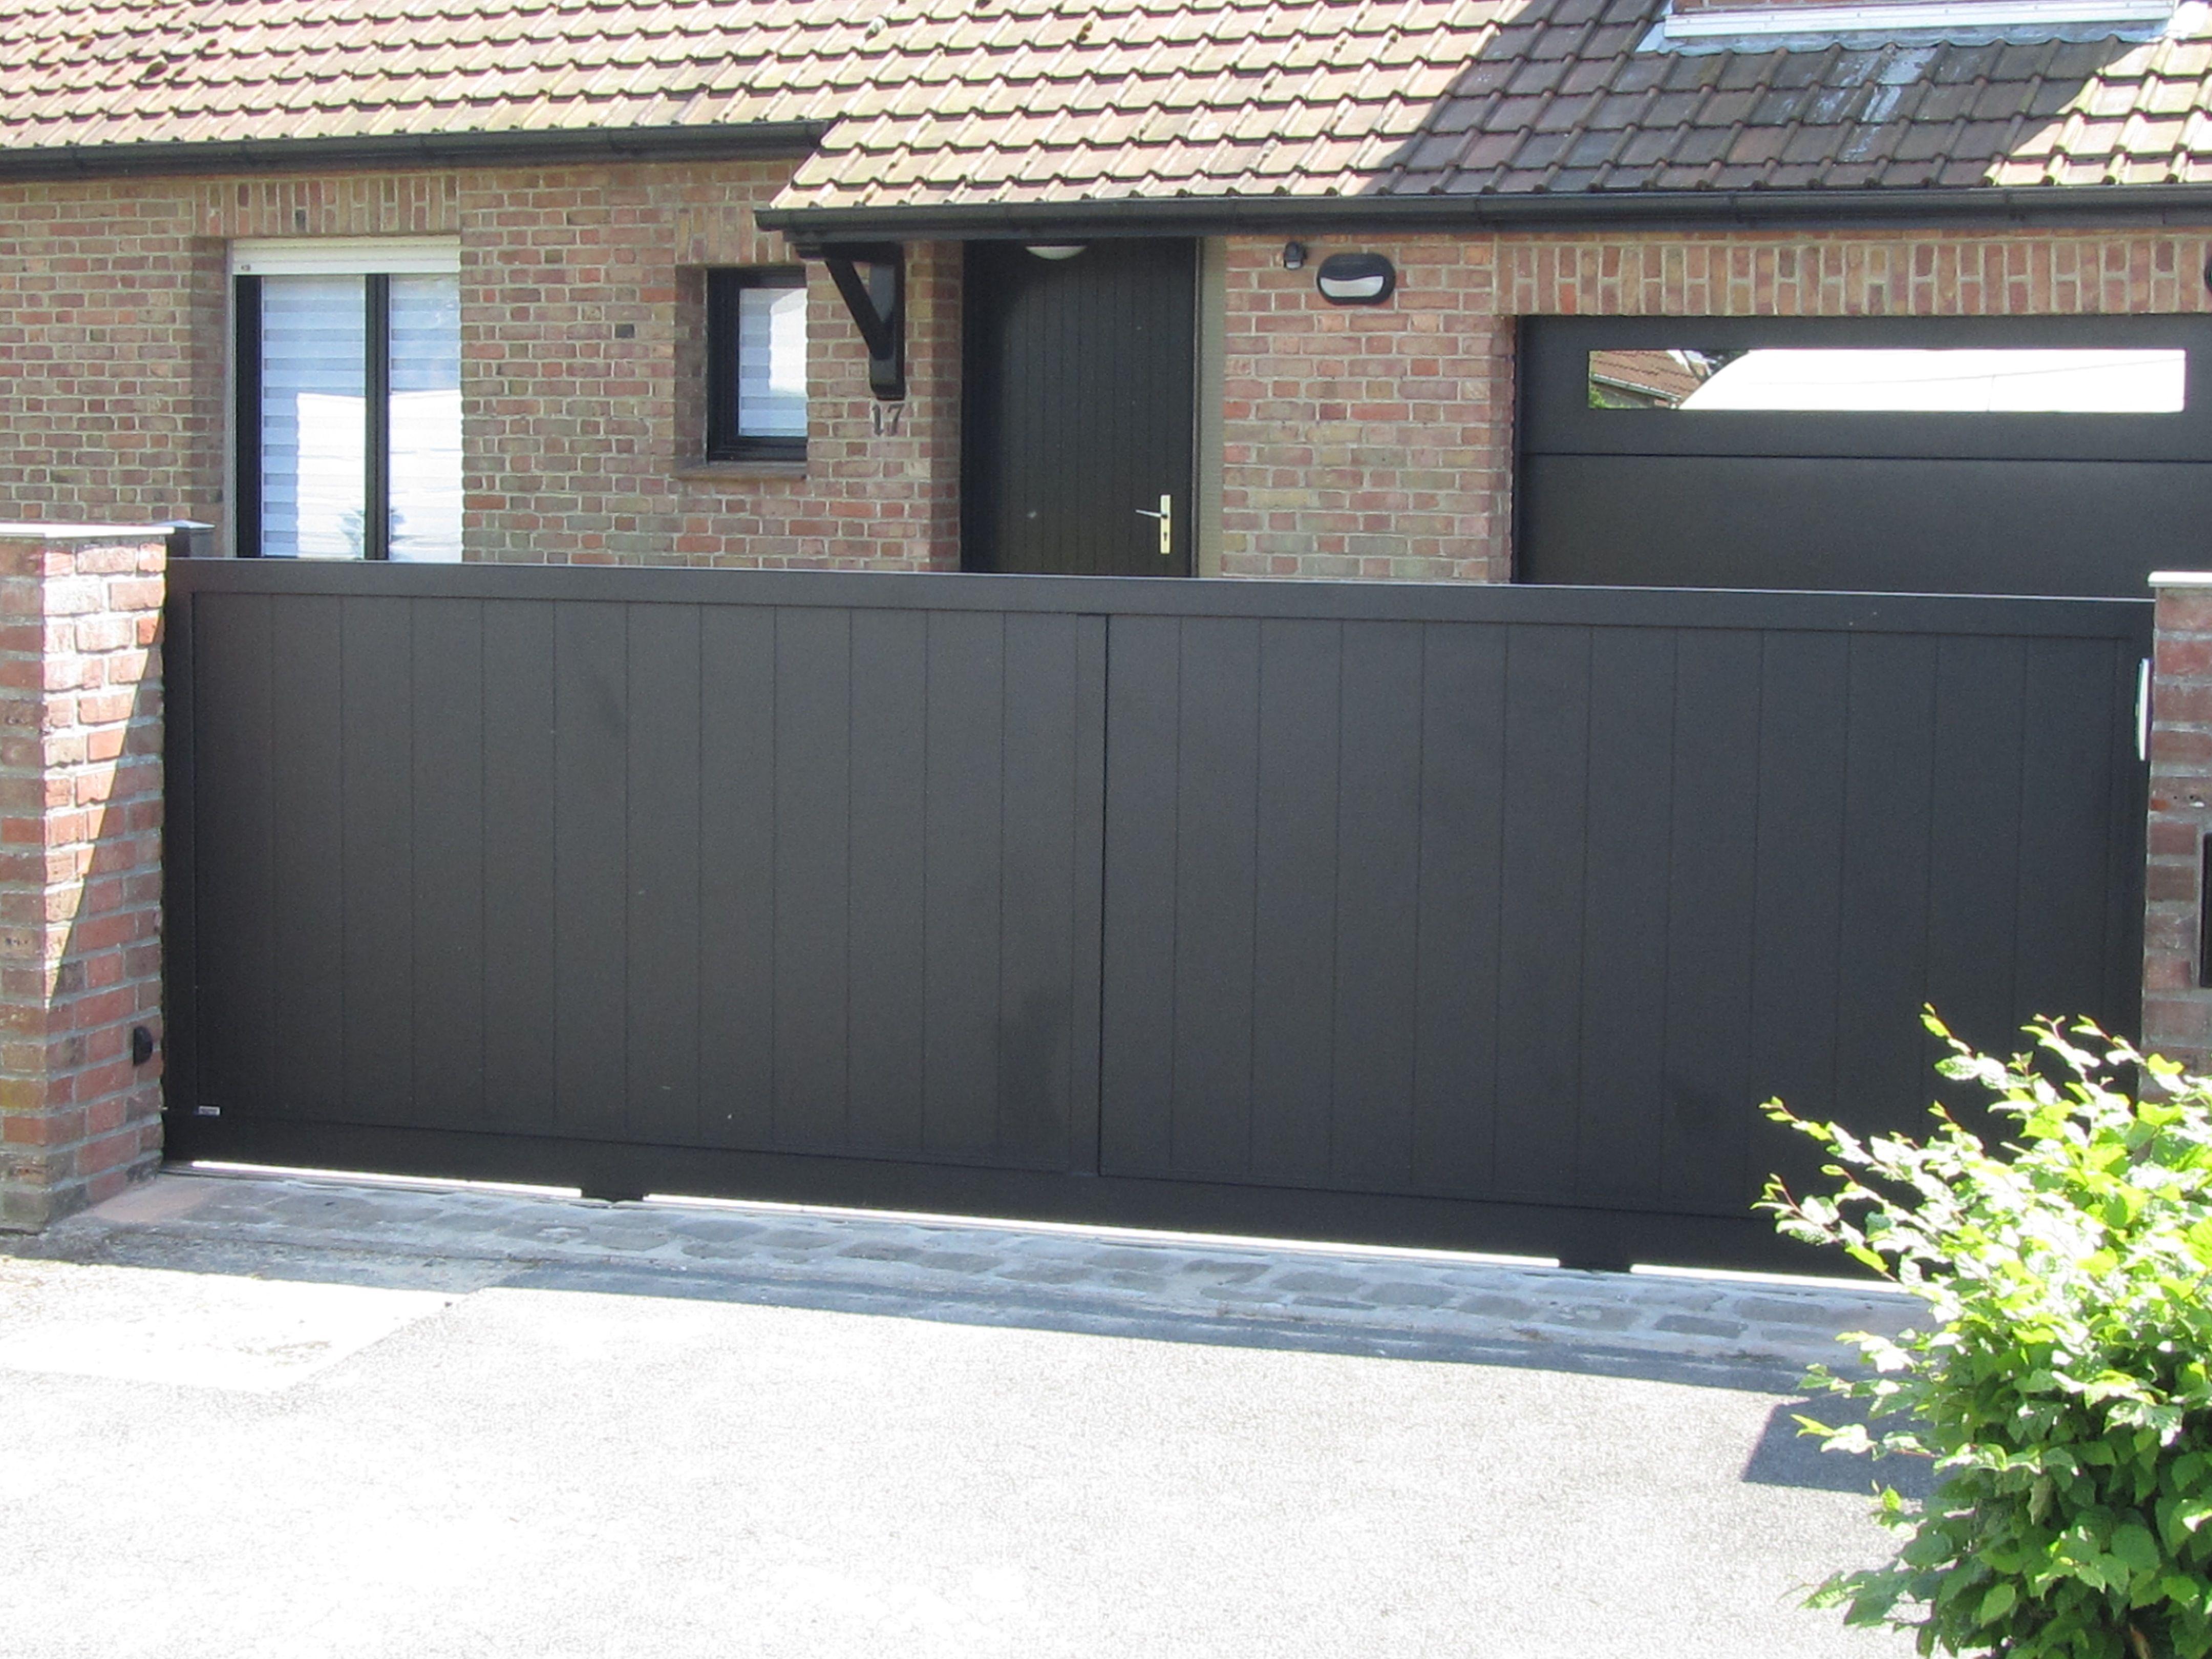 Portail alu macon coulissant mod le 2 vantaux remplissage lames verticales portail macon for Portail 2 vantaux